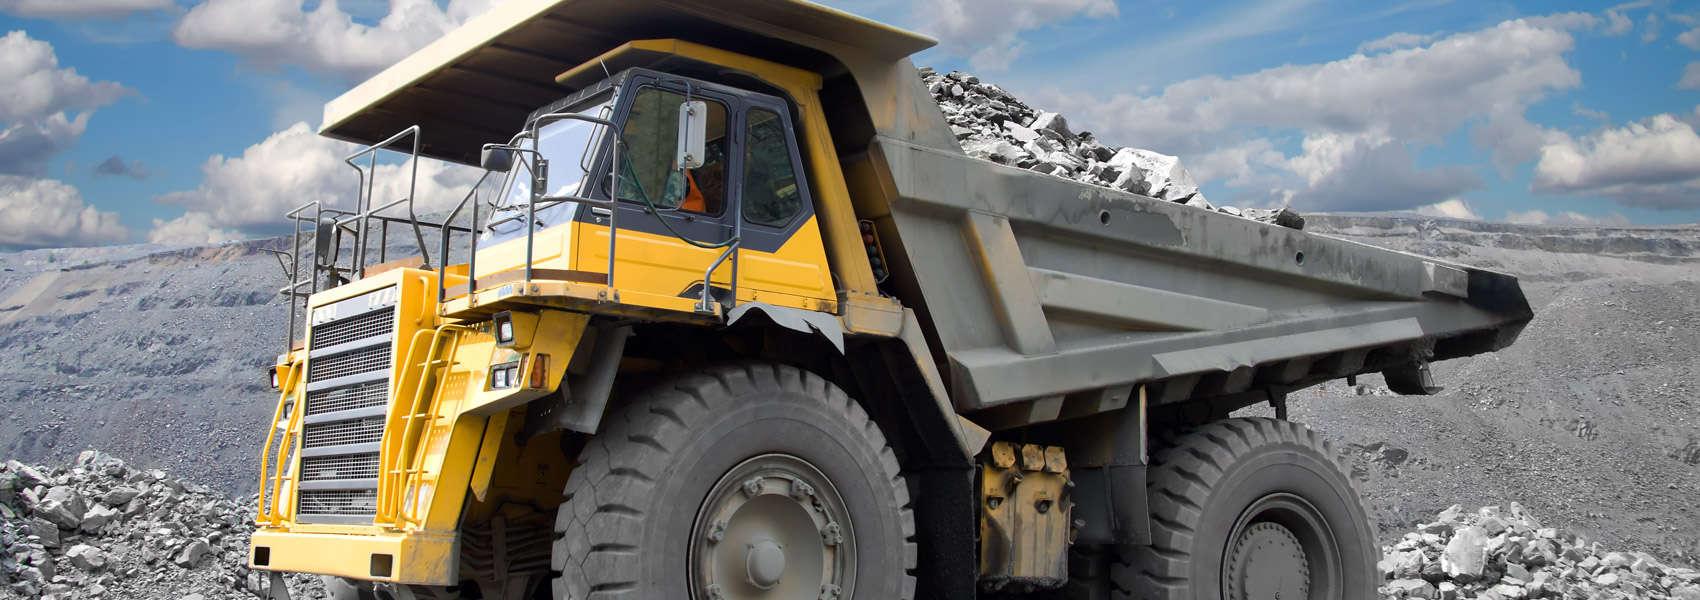 Off-Highway Equipment